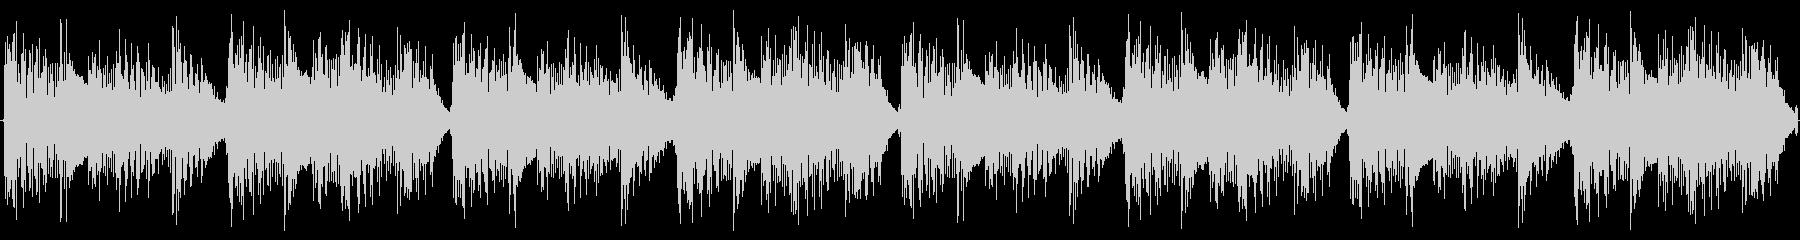 かわいいEDMの小ループの未再生の波形